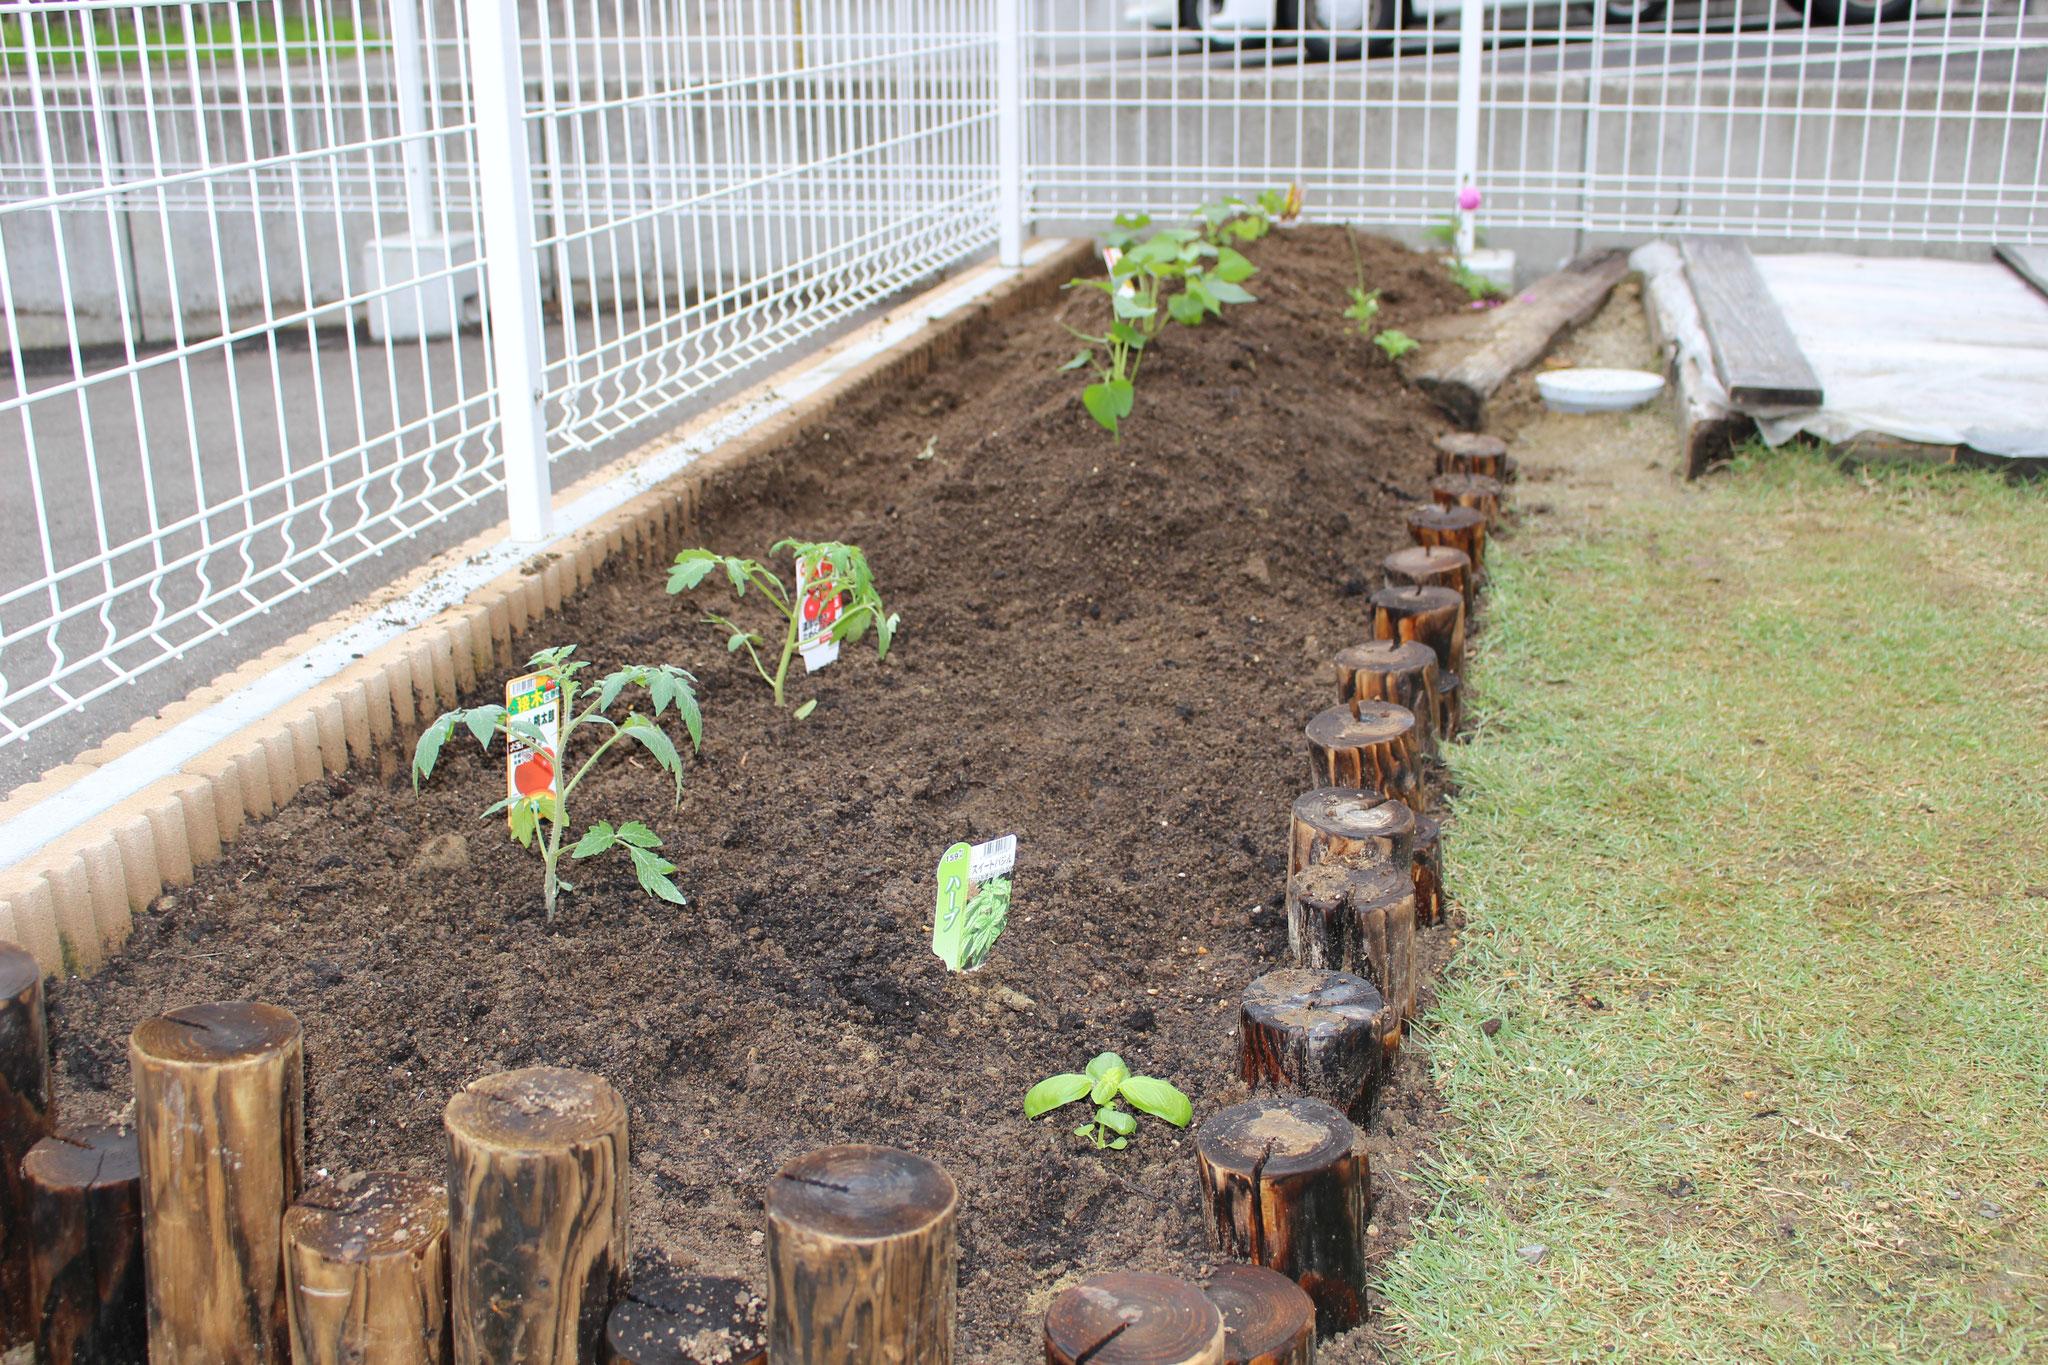 カプア組のお友だちと トマト さつまいも バジル を植えています\(^_^)/ 大きく育つように(*_*; やさしく大事に見守ってね~(*_*;